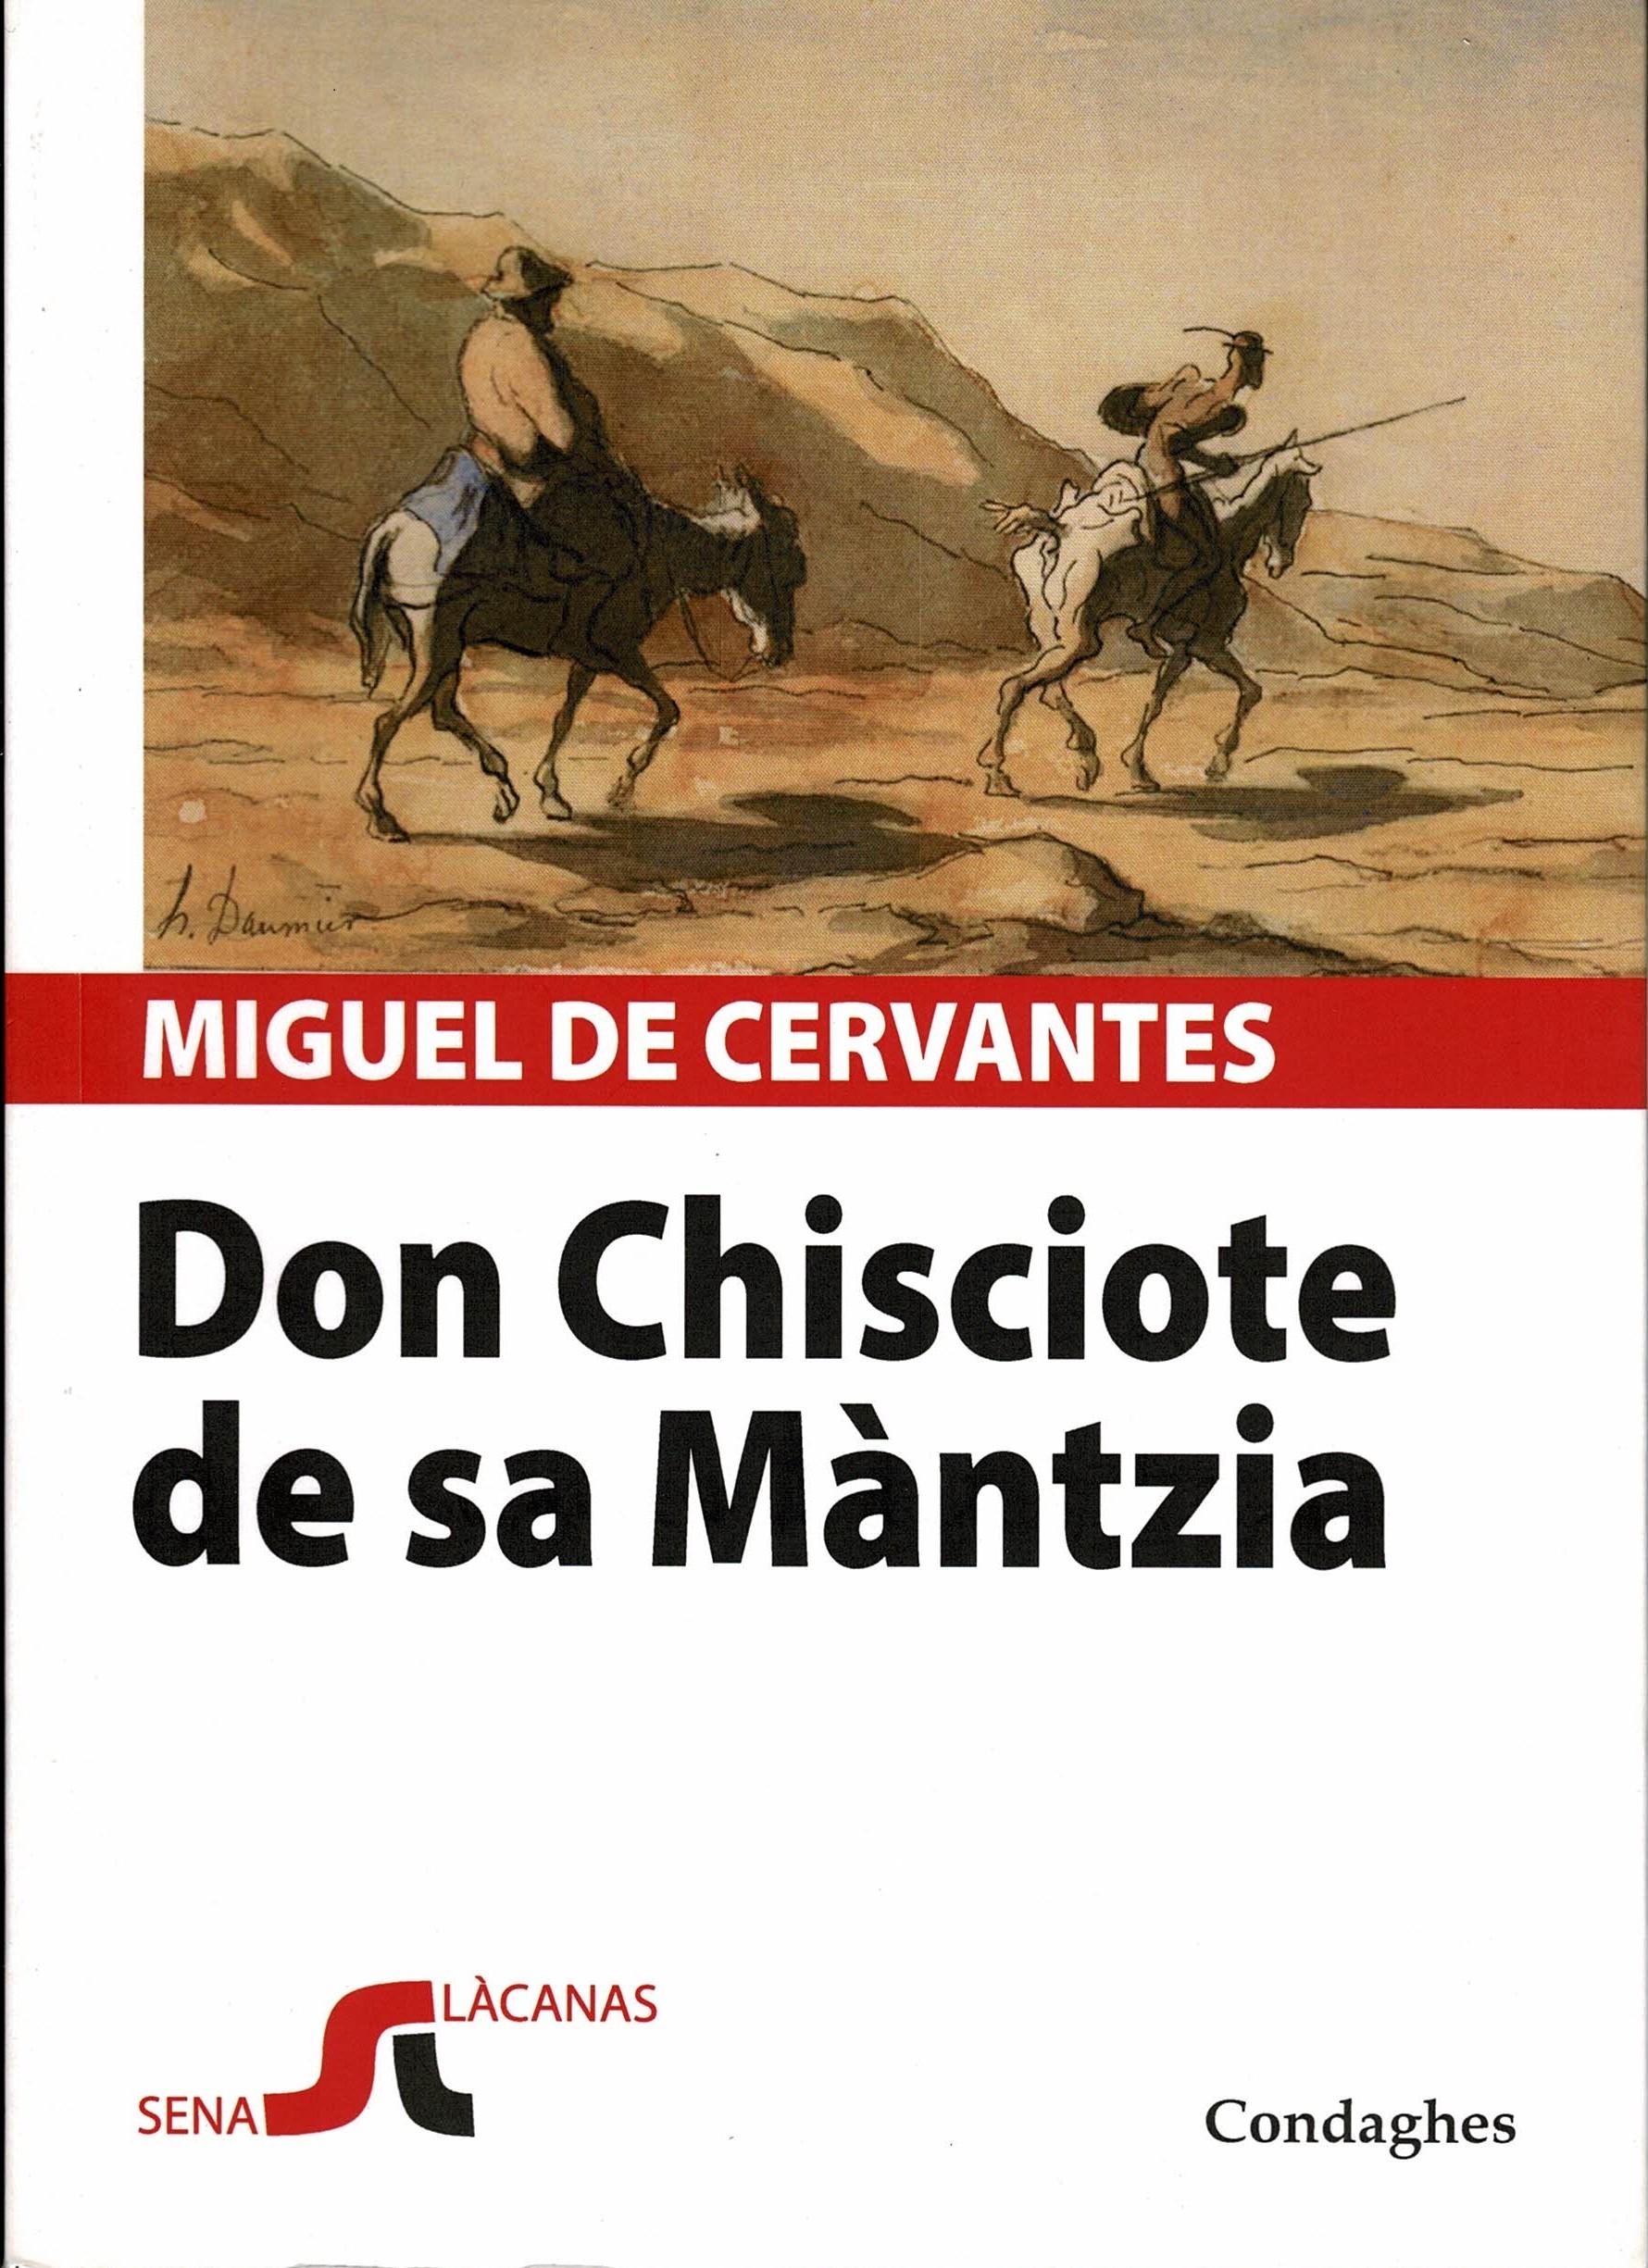 Tradutziones in limba sarda: Don Chisciote, de Miguel de Cervantes